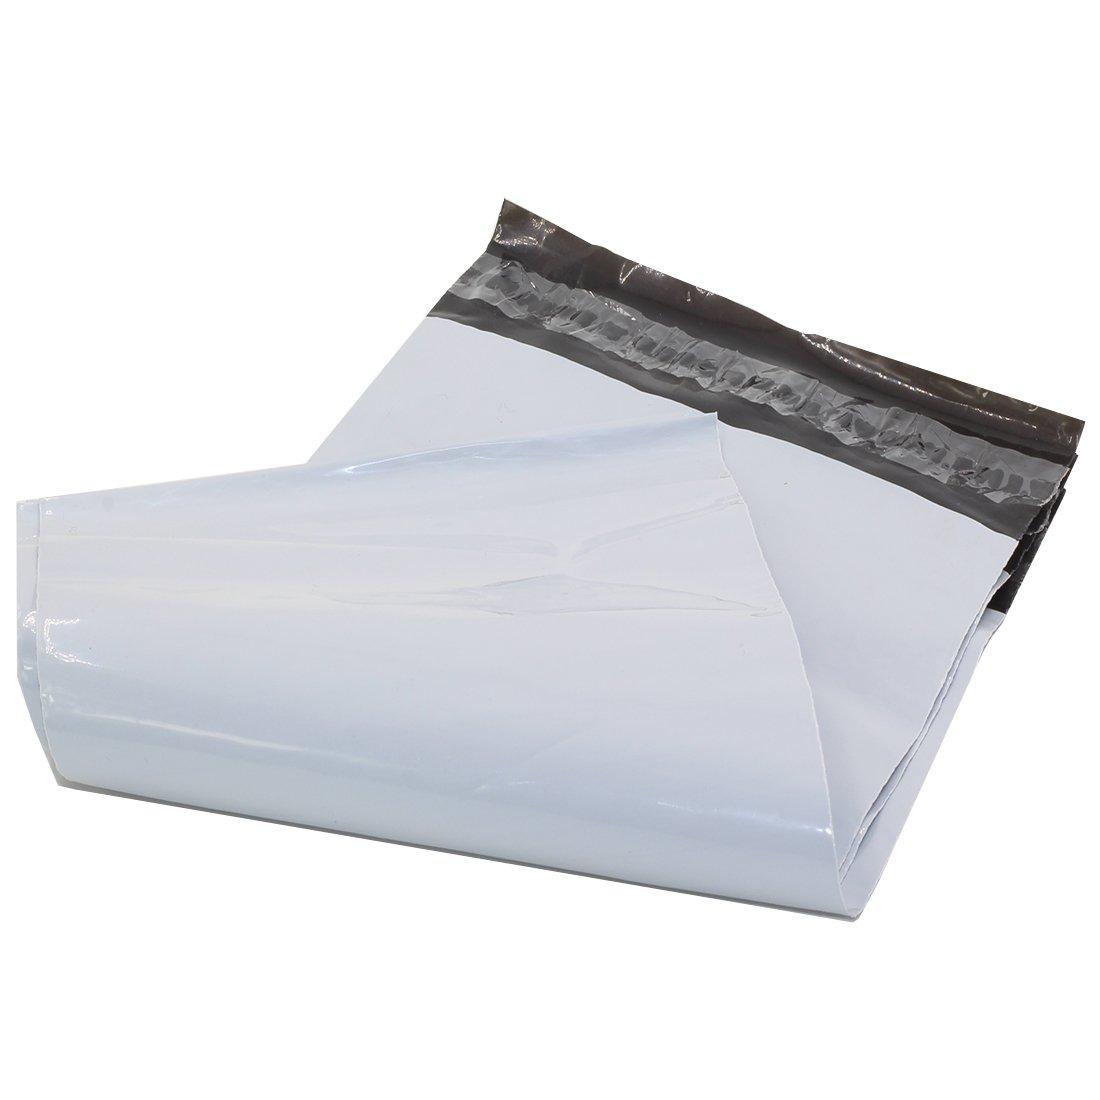 Gé né riques sacs de diffusion des sacs en plastique Poly enveloppes postales Self Seal Blanc (25cmx37cm) 100pcs HMGTUK